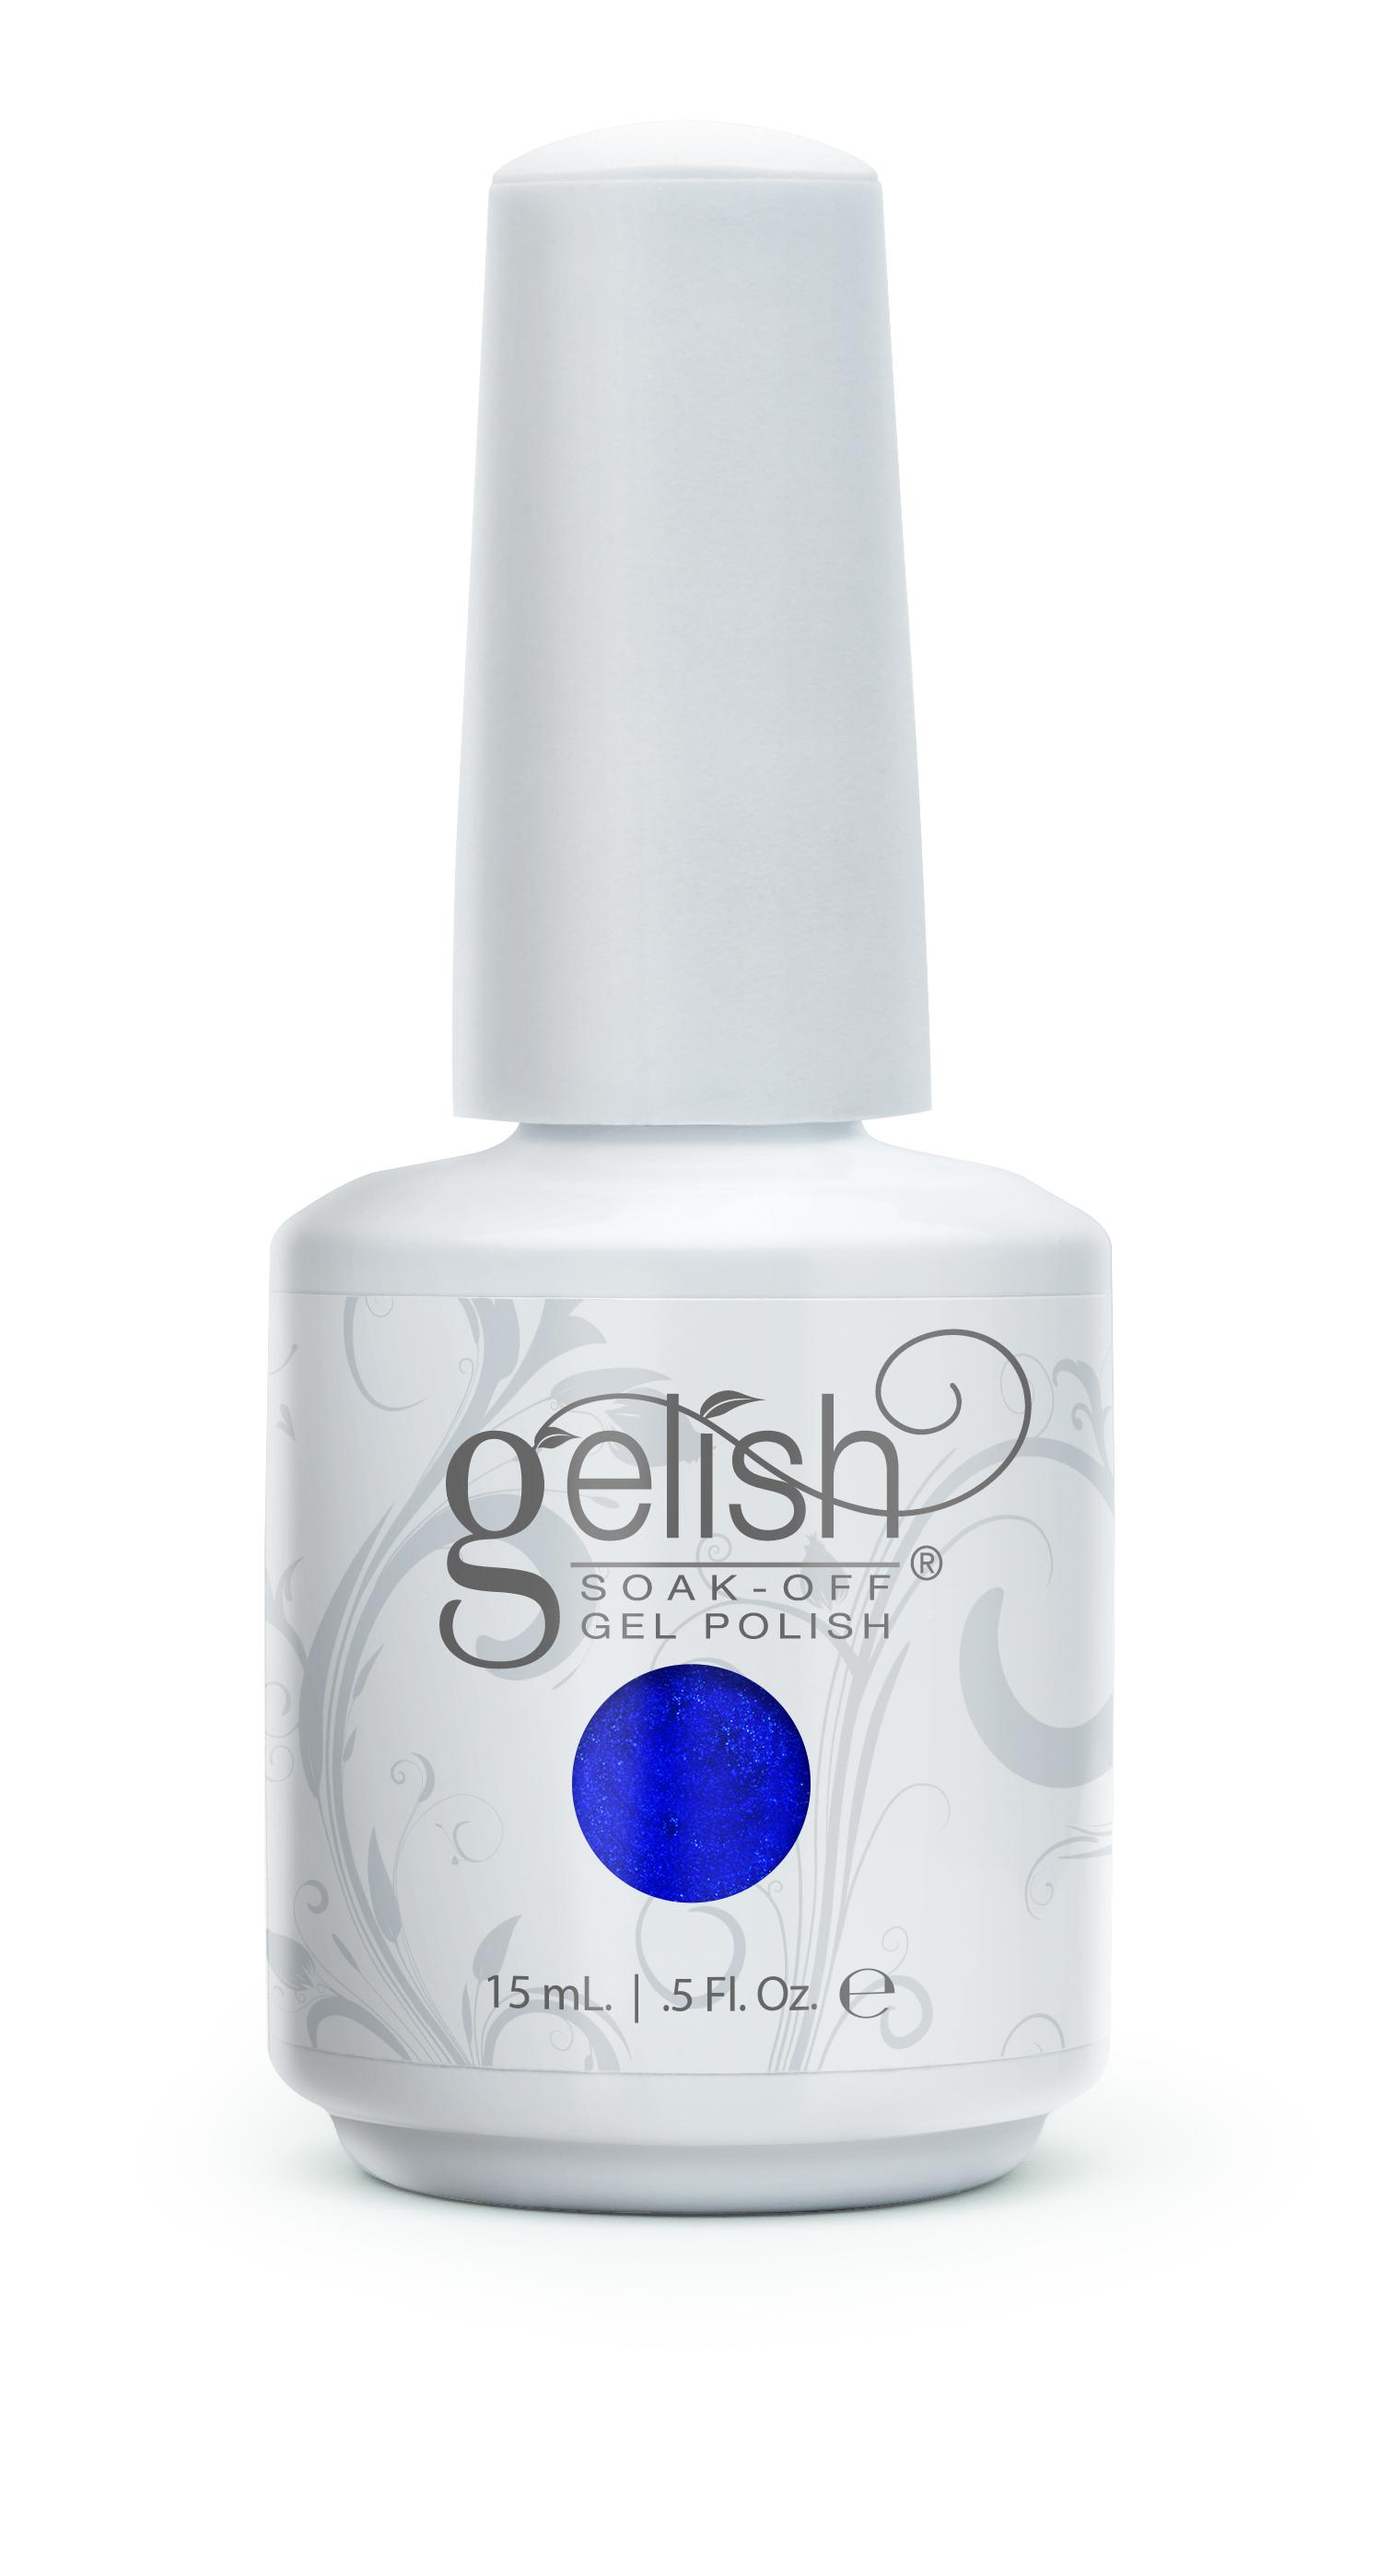 GELISH Гель-лак Live Like Theres No Midnight / GELISH 15млГель-лаки<br>Гель-лак Gelish наносится на ноготь как лак, с помощью кисточки под колпачком. Процедура нанесения схожа с&amp;nbsp;нанесением обычного цветного покрытия. Все гель-лаки Harmony Gelish выполняют функцию еще и укрепляющего геля, делая ногти более прочными и длинными. Ногти клиента находятся под защитой гель-лака, они не ломаются и не расслаиваются. Гель-лаки Gelish после сушки в LED или УФ лампах держатся на натуральных ногтях рук до 3 недель, а на ногтях ног до 5 недель. Способ применения: Подготовительный этап. Для начала нужно сделать маникюр. В зависимости от ваших предпочтений это может быть европейский, классический обрезной, СПА или аппаратный маникюр. Главное, сдвинуть кутикулу с ногтевого ложа и удалить ороговевшие участки кожи вокруг ногтей. Особенностью этой системы является то, что перед нанесением базового слоя необходимо обработать ноготь шлифовочным бафом Harmony Buffer 100/180 грит, для того, чтобы снять глянец. Это поможет улучшить сцепку покрытия с ногтем. Пыль, которая осталась после опила, излишки жира и влаги удаляются с помощью обезжиривателя Бондер / GELISH pH Bond 15&amp;nbsp;мл или любого другого дегитратора. Нанесение искусственного покрытия Harmony.&amp;nbsp; После того, как подготовительные процедуры завершены, можно приступать непосредственно к нанесению искусственного покрытия Harmony Gelish. Как и все гелевые лаки, продукцию этого бренда необходимо полимеризовать в лампе. Гель-лаки Gelish сохнут (полимеризуются) под LED или УФ лампой. Время полимеризации: В LED лампе 18G/6G = 30 секунд В LED лампе Gelish Mini Pro = 45 секунд В УФ лампах 36 Вт = 120 секунд В УФ лампе Harmony Mini Portable UV Light = 180 секунд ПРИМЕЧАНИЕ: подвергать полимеризации необходимо каждый слой гель-лакового покрытия! 1)Первым наносится тонкий слой базового покрытия Gelish Foundation Soak Off Base Gel 15 мл. 2)Следующий шаг   нанесение цветного гель-лака Harmony Gelish.&amp;nbsp; 3)Заключительн